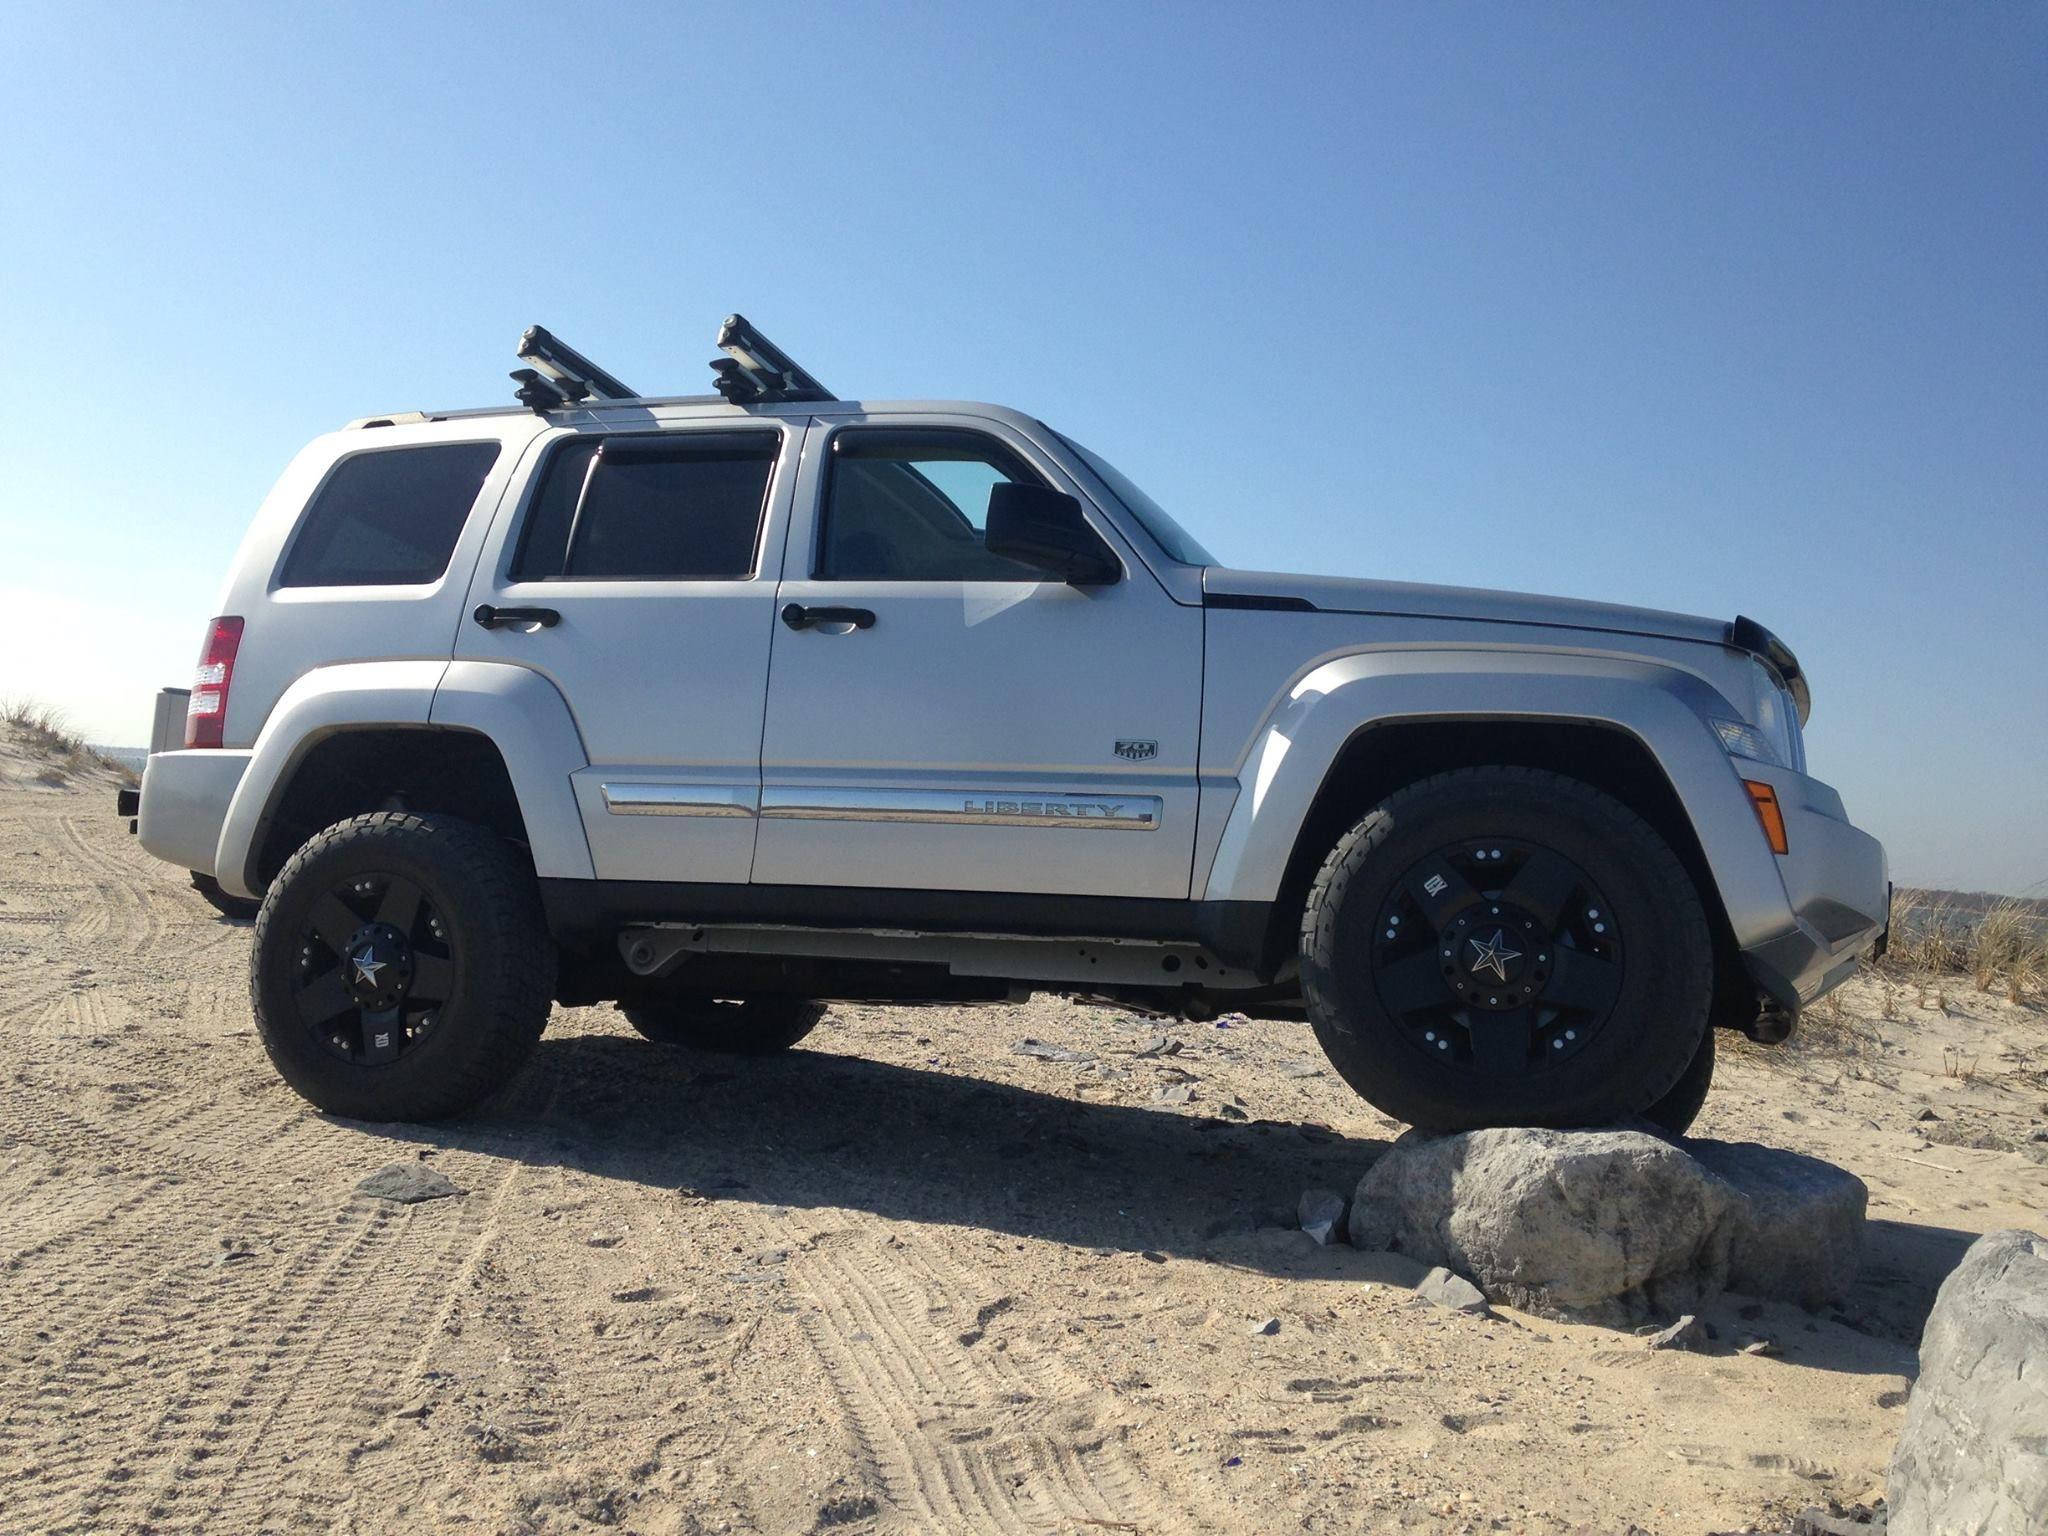 2011 Jeep Liberty Limited 17 8 Kmc Xd 775 Rockstar Wheels 265 65